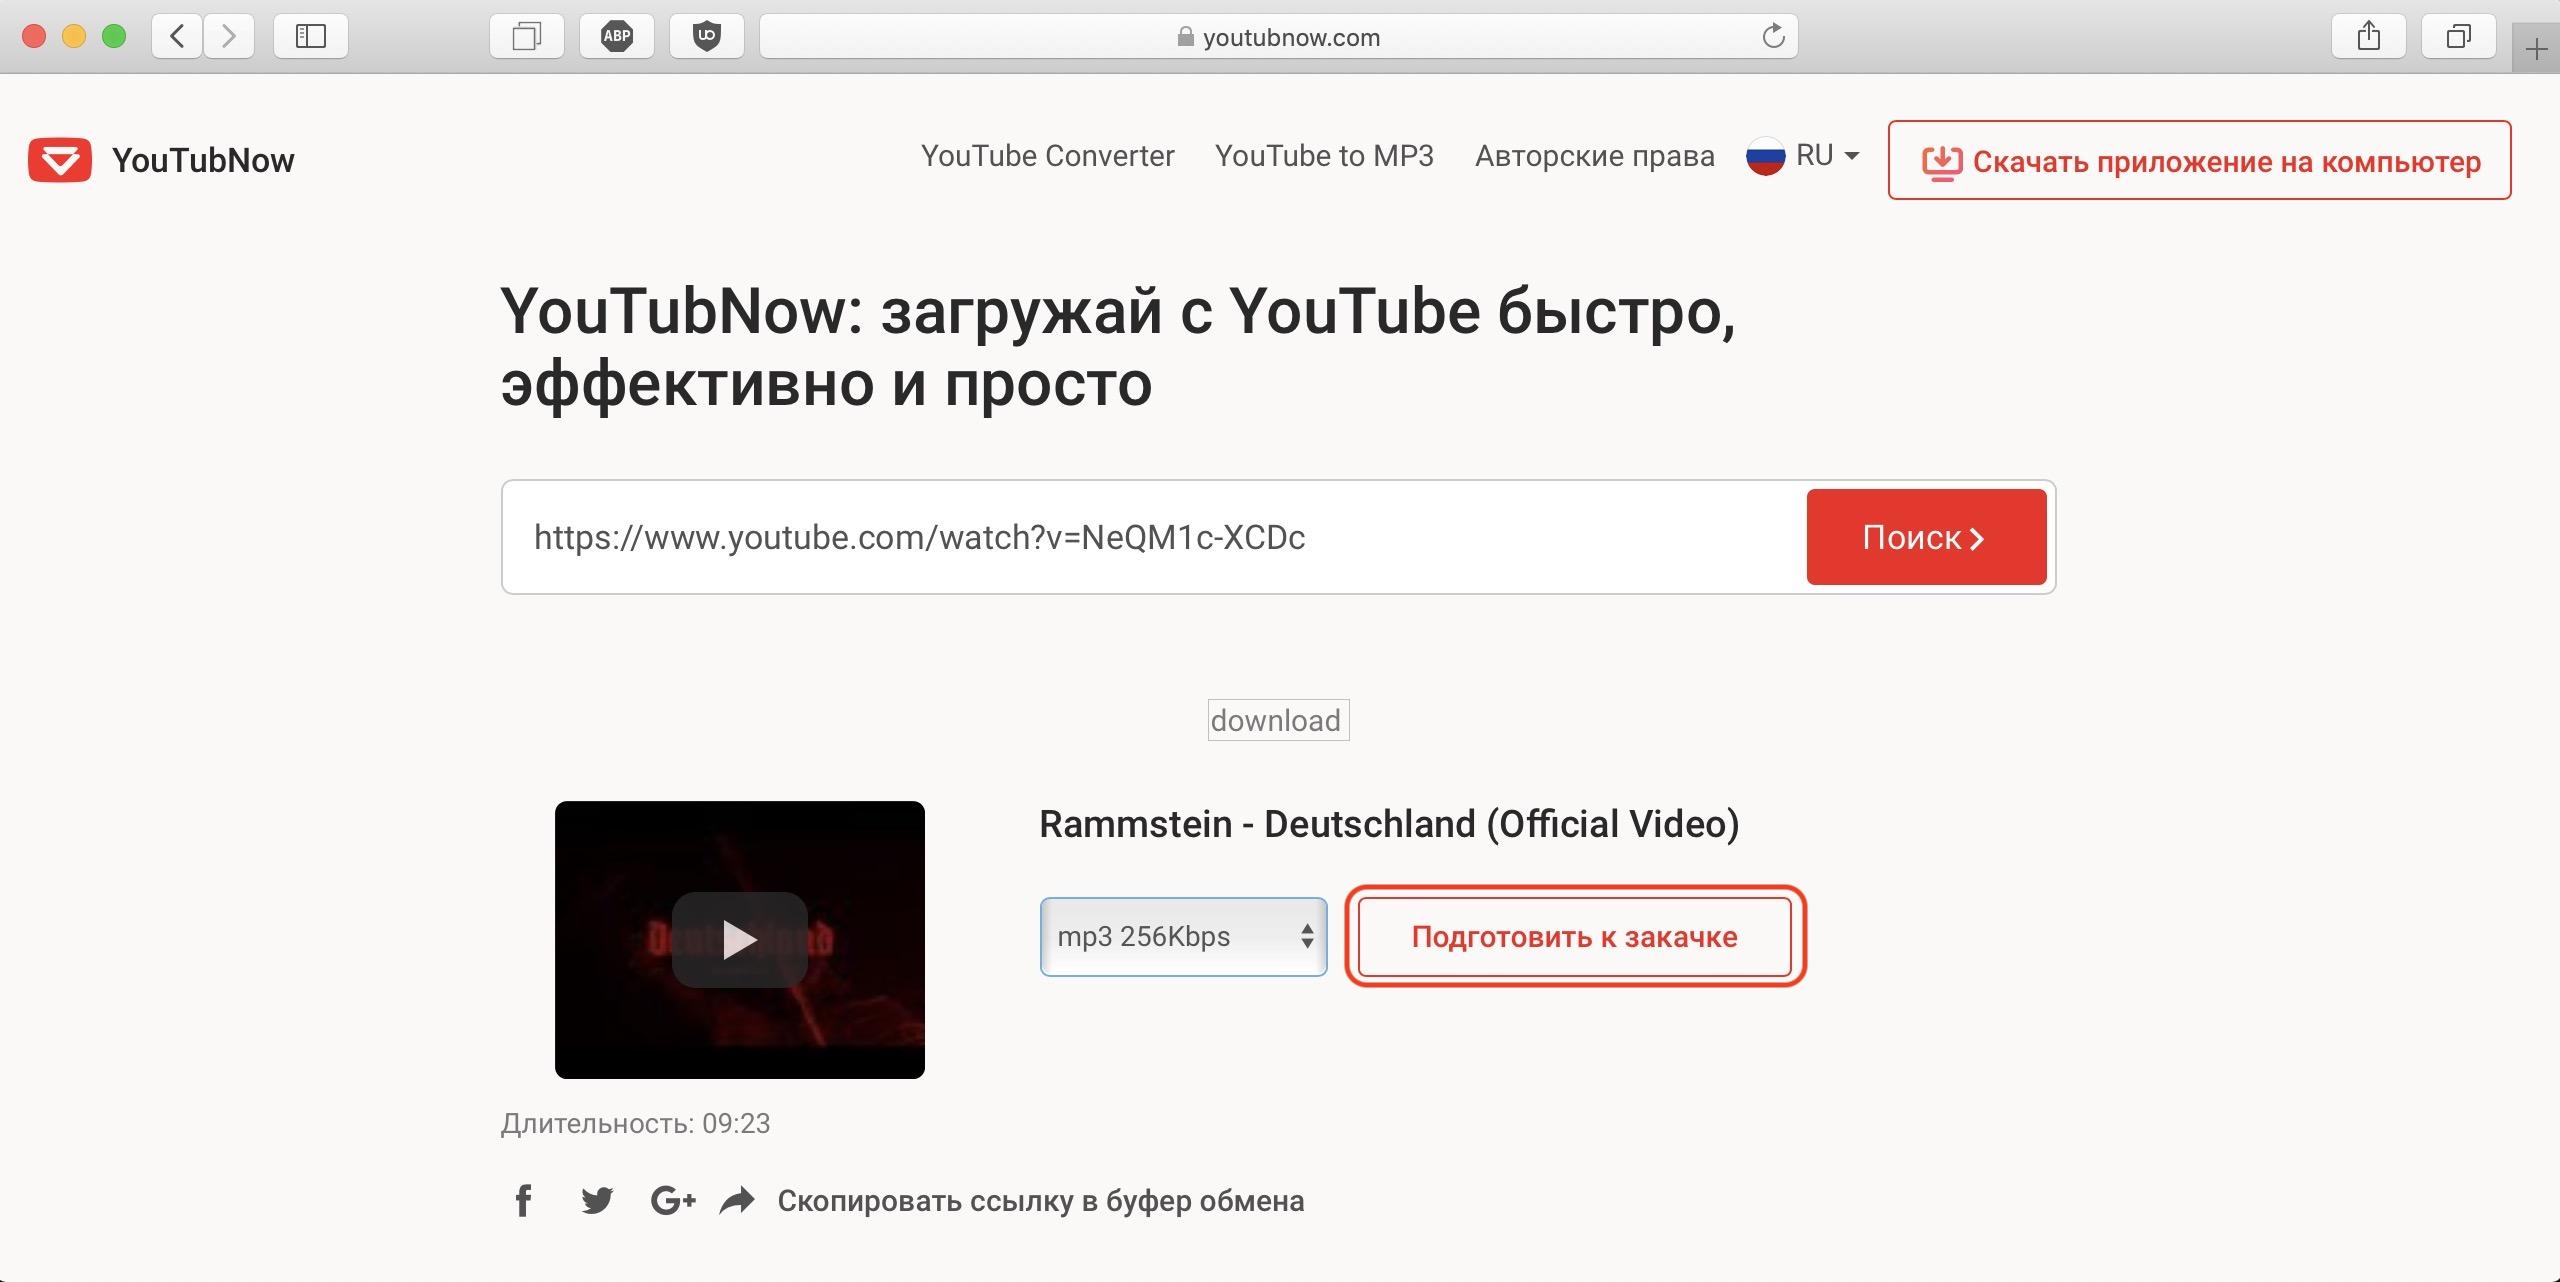 Ютуб сериал сваты все серии украина